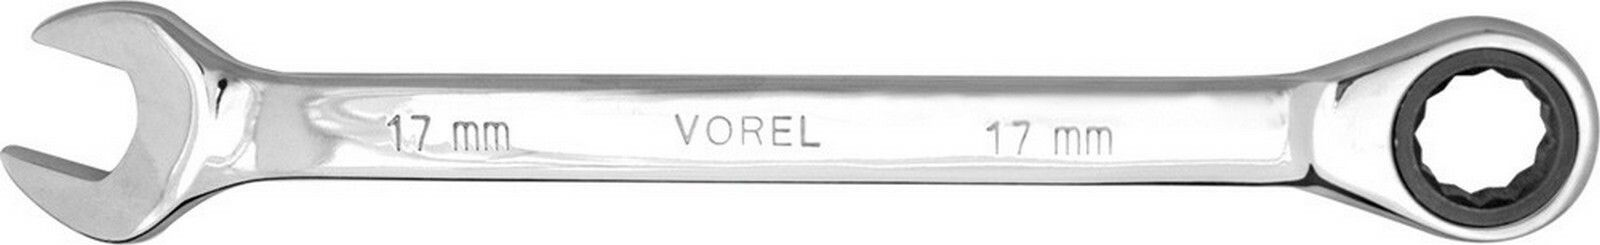 Klíč očkoplochý ráčnový 17 mm CrV TOYA